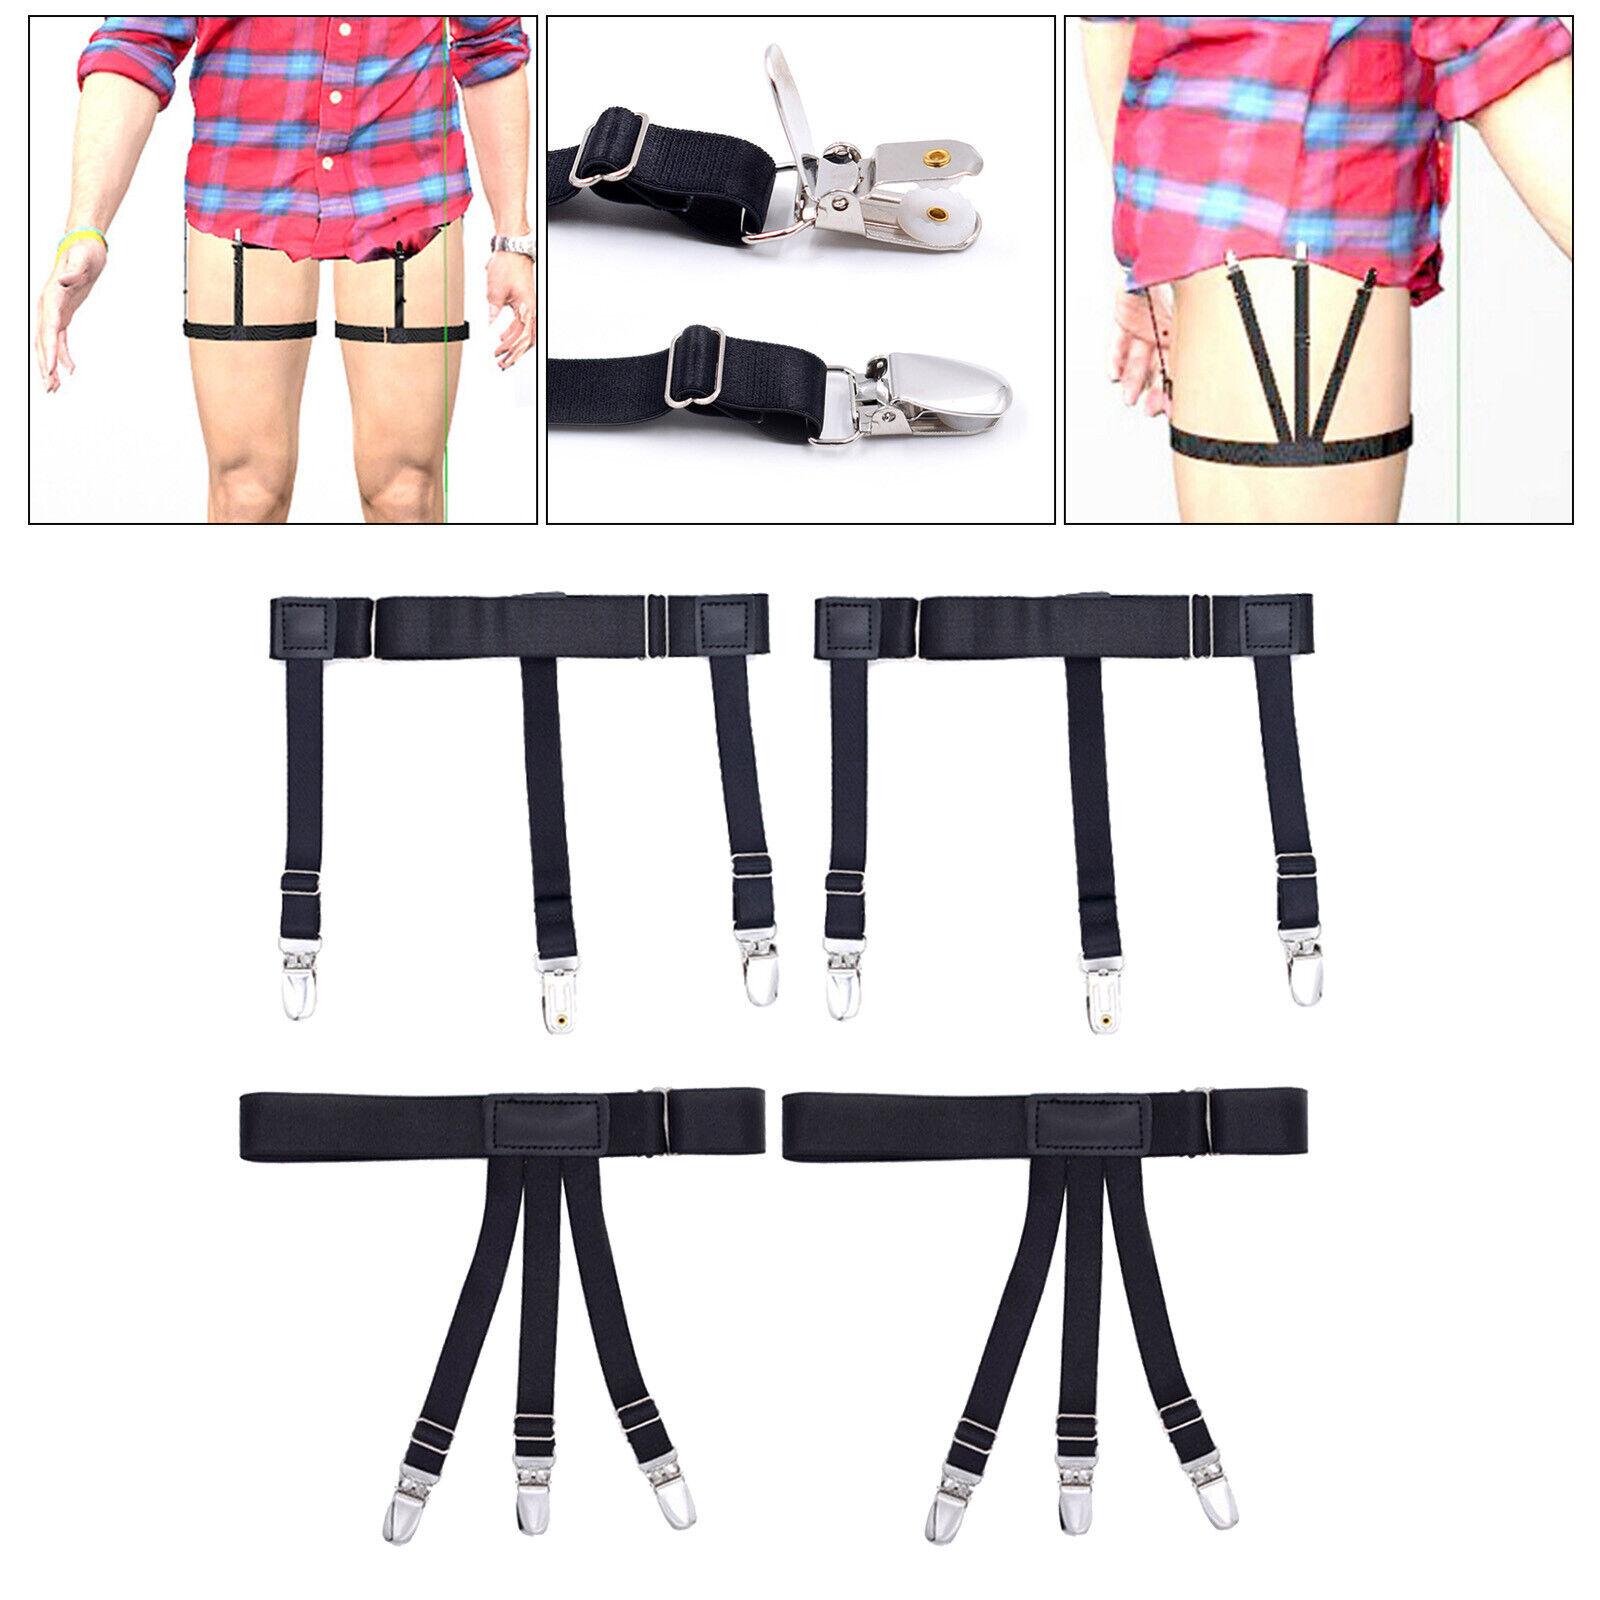 2x Shirt Rest Holders Elastic Garter Thigh